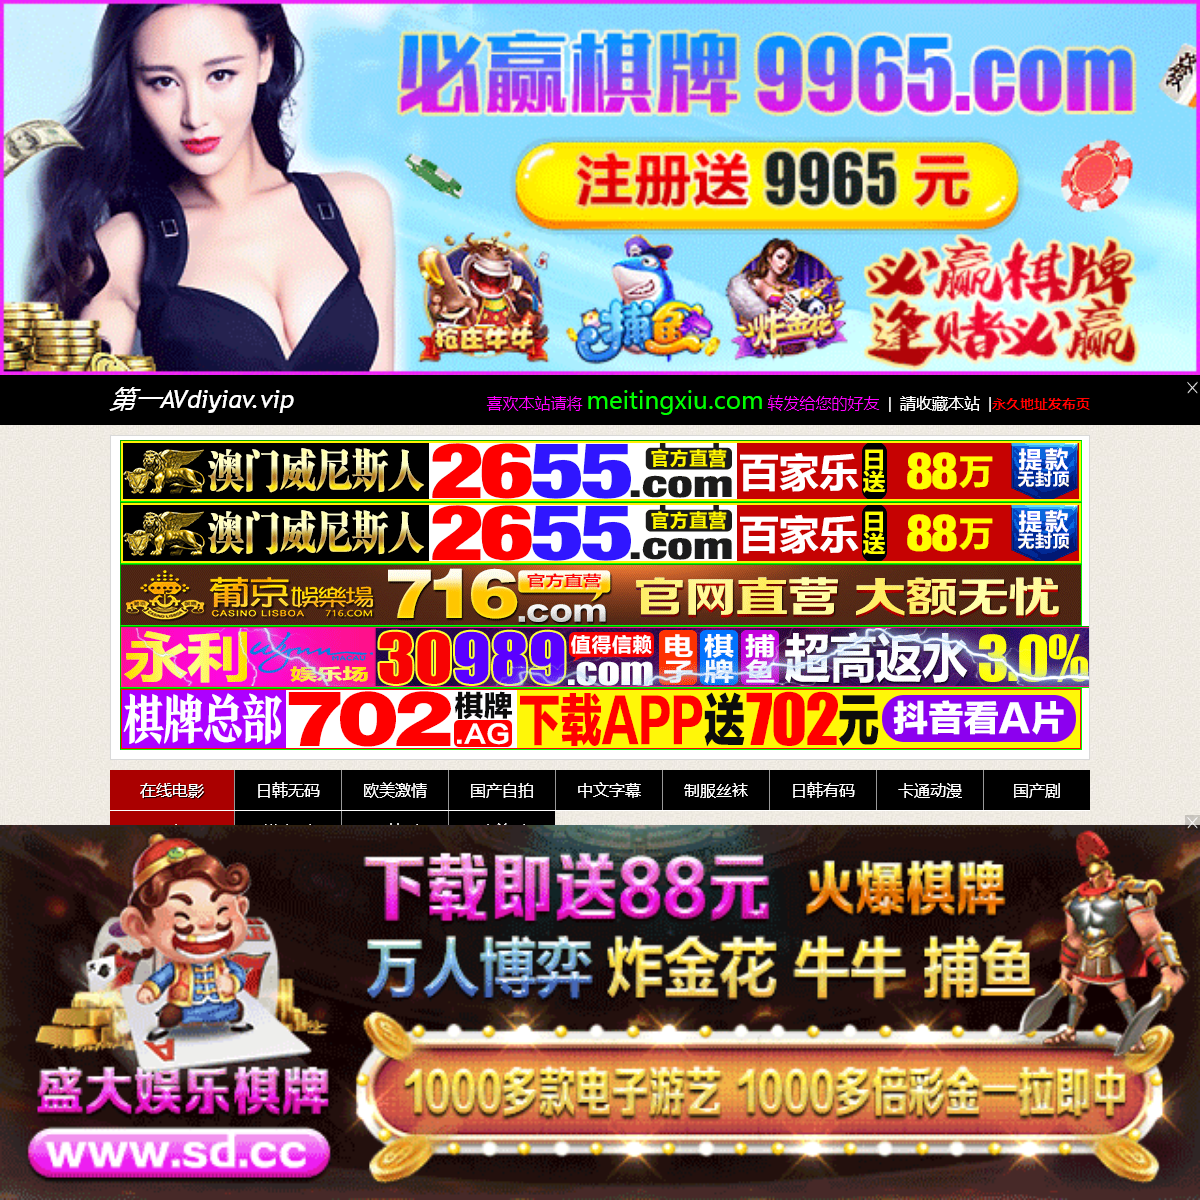 日本高清视频网站www_日本高清视频在线观看_日本高清视频在线网站欧美AV片高清观看,亚洲成在人